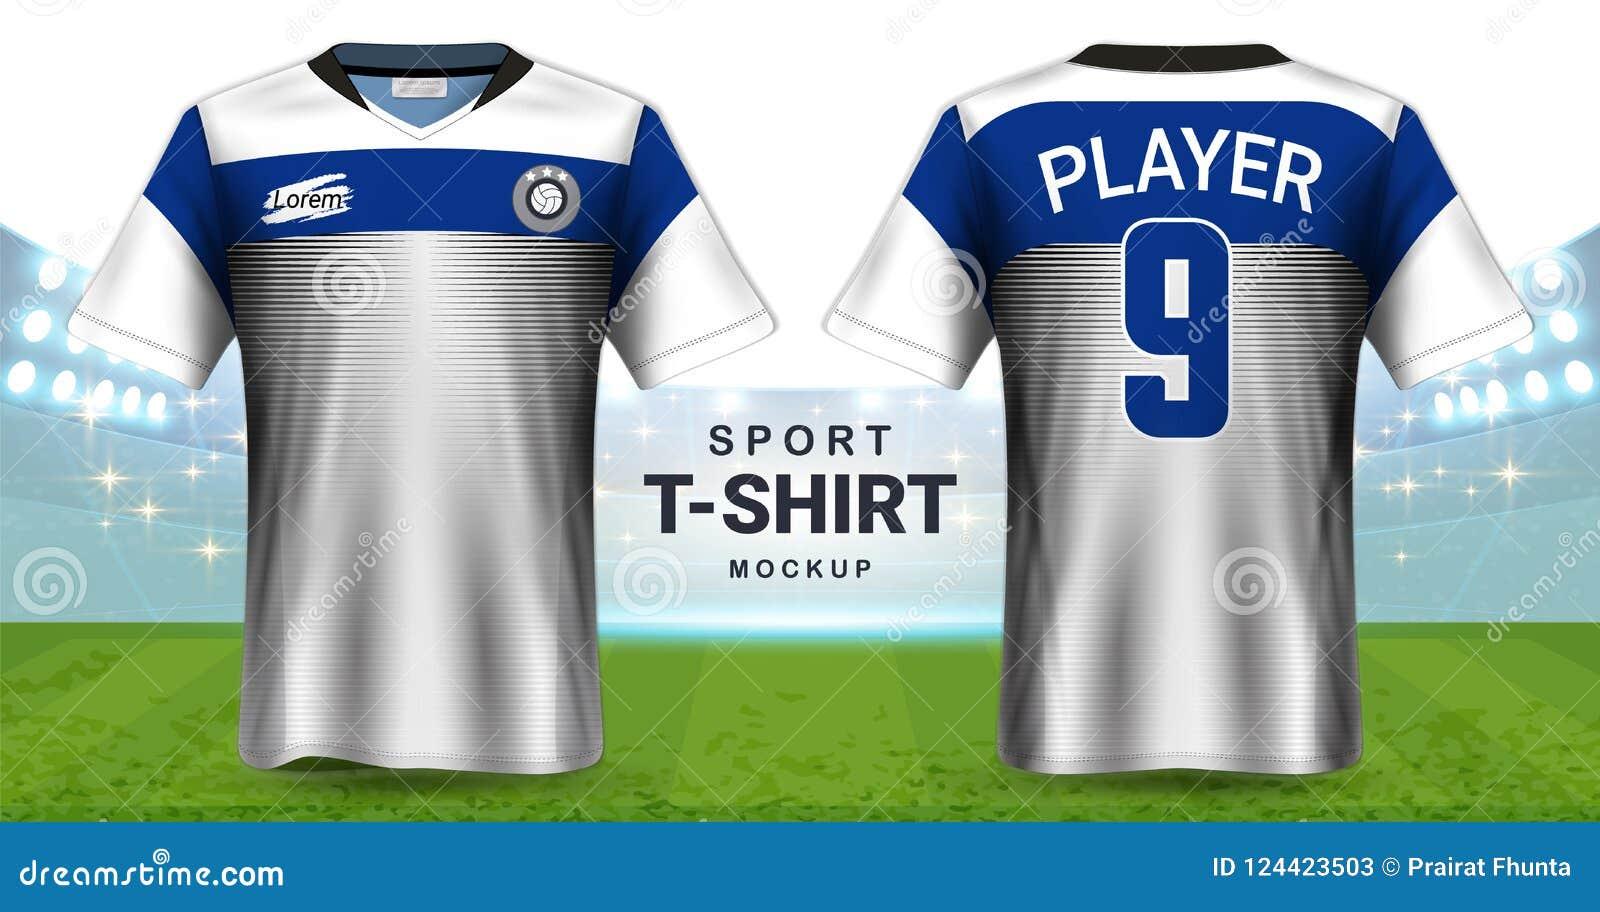 足球泽西和运动服T恤杉大模型模板,现实图形设计前面和后面视图橄榄球成套工具制服的